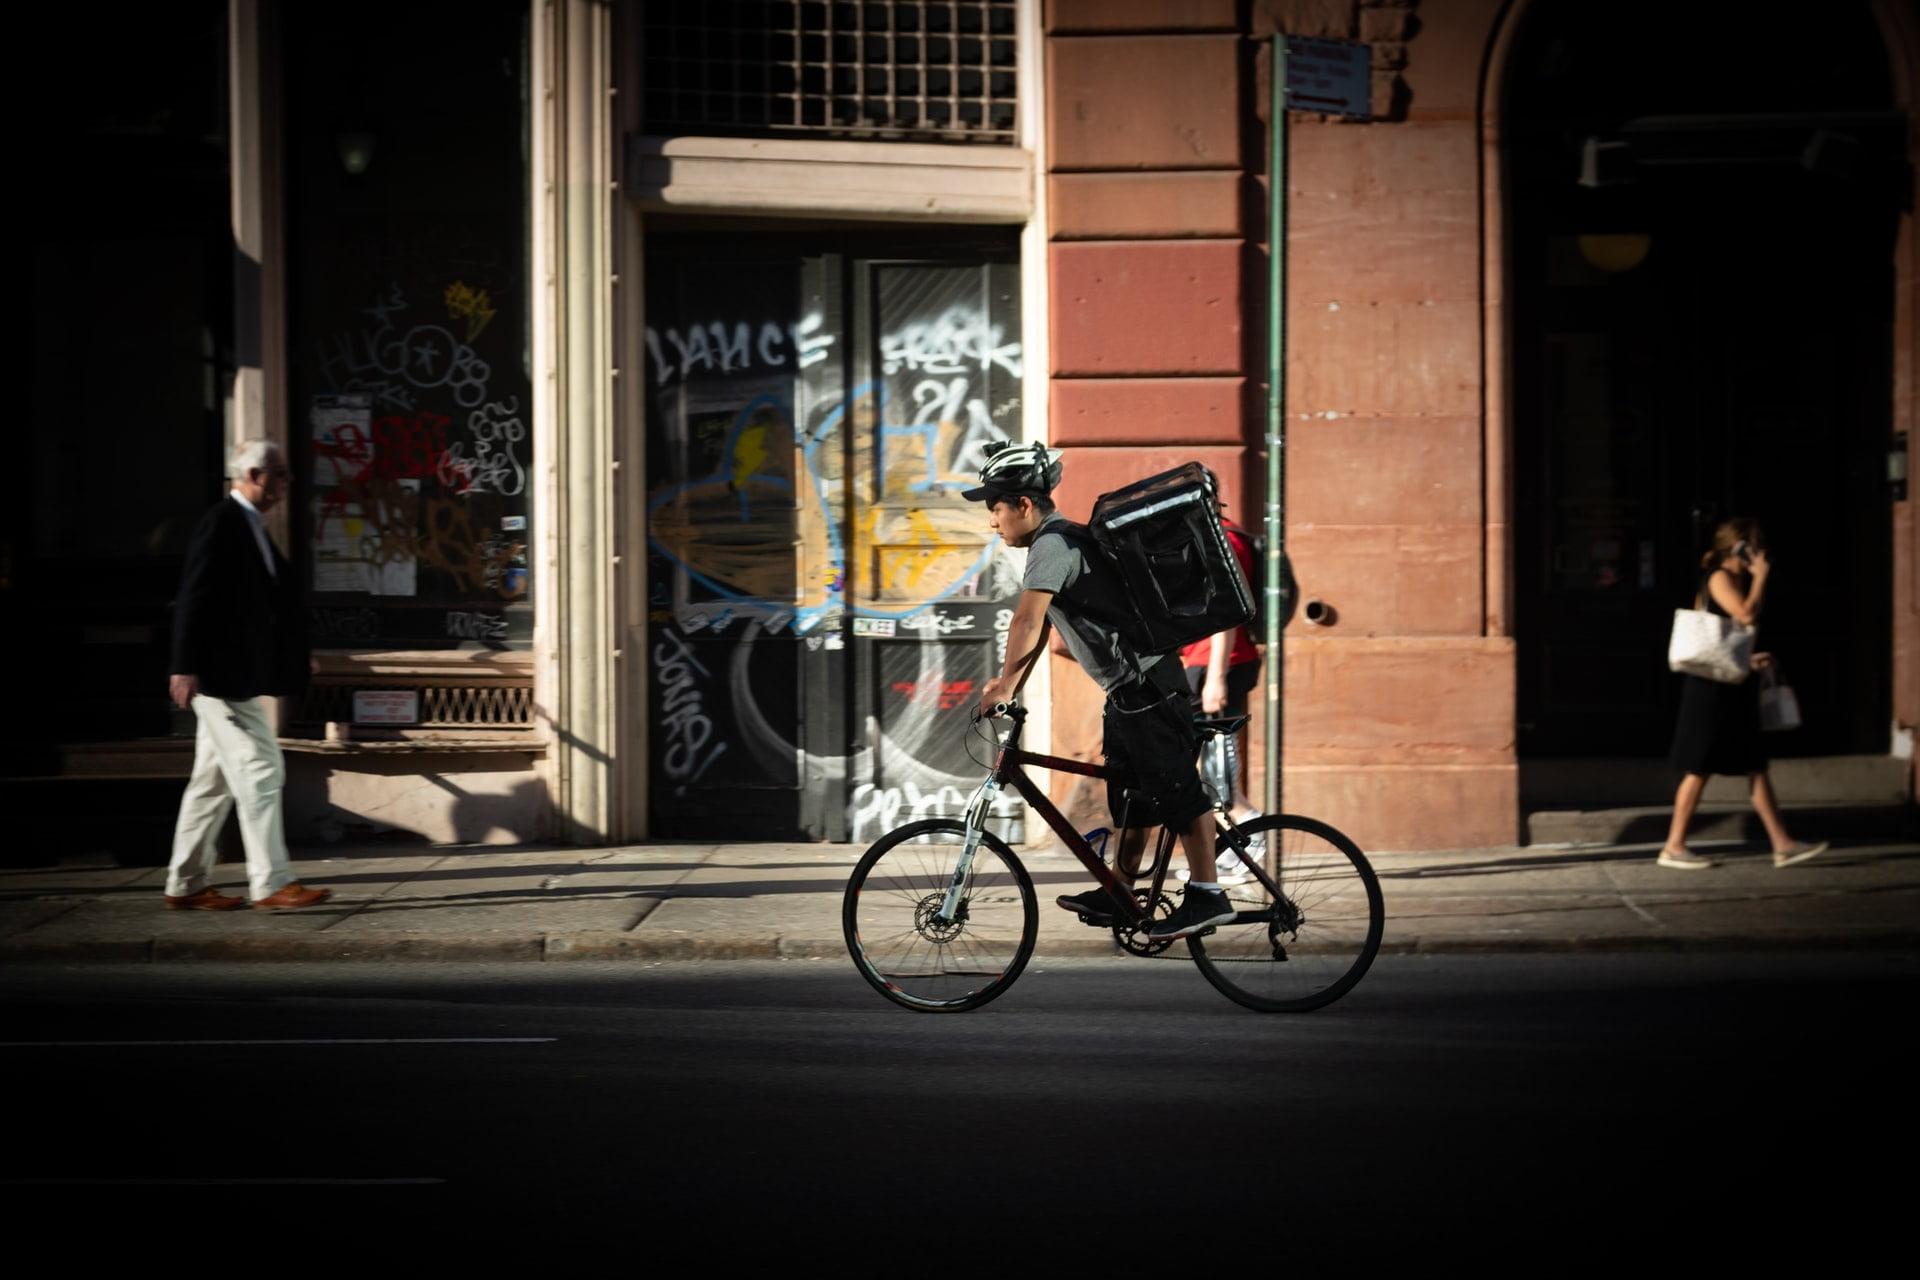 TPV-Hostelería-Software-Hostelería-Ticksy-delivery-bici